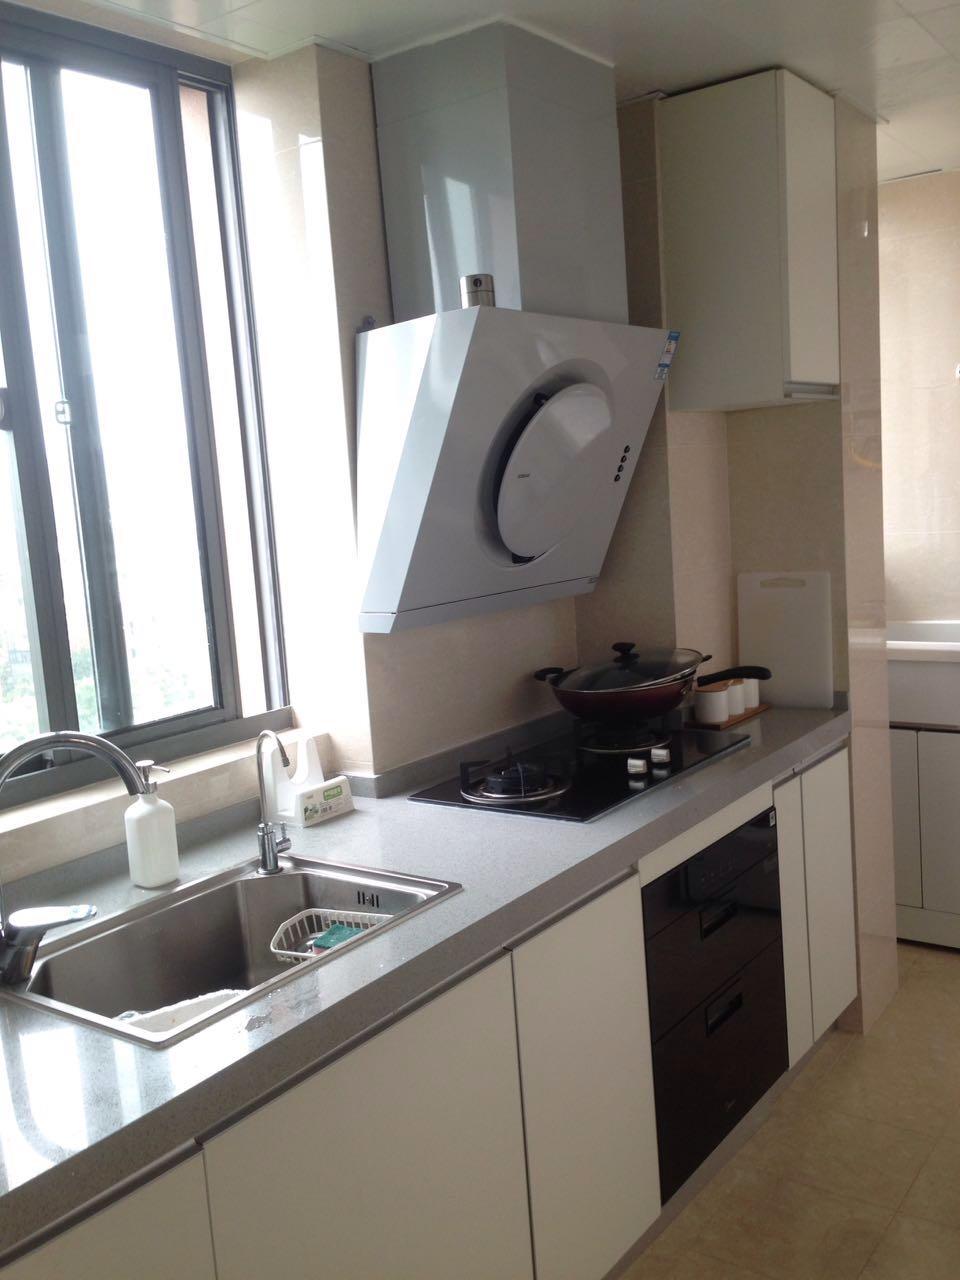 洗衣机嵌入洗手池下,充分利用家里的每一寸空间。